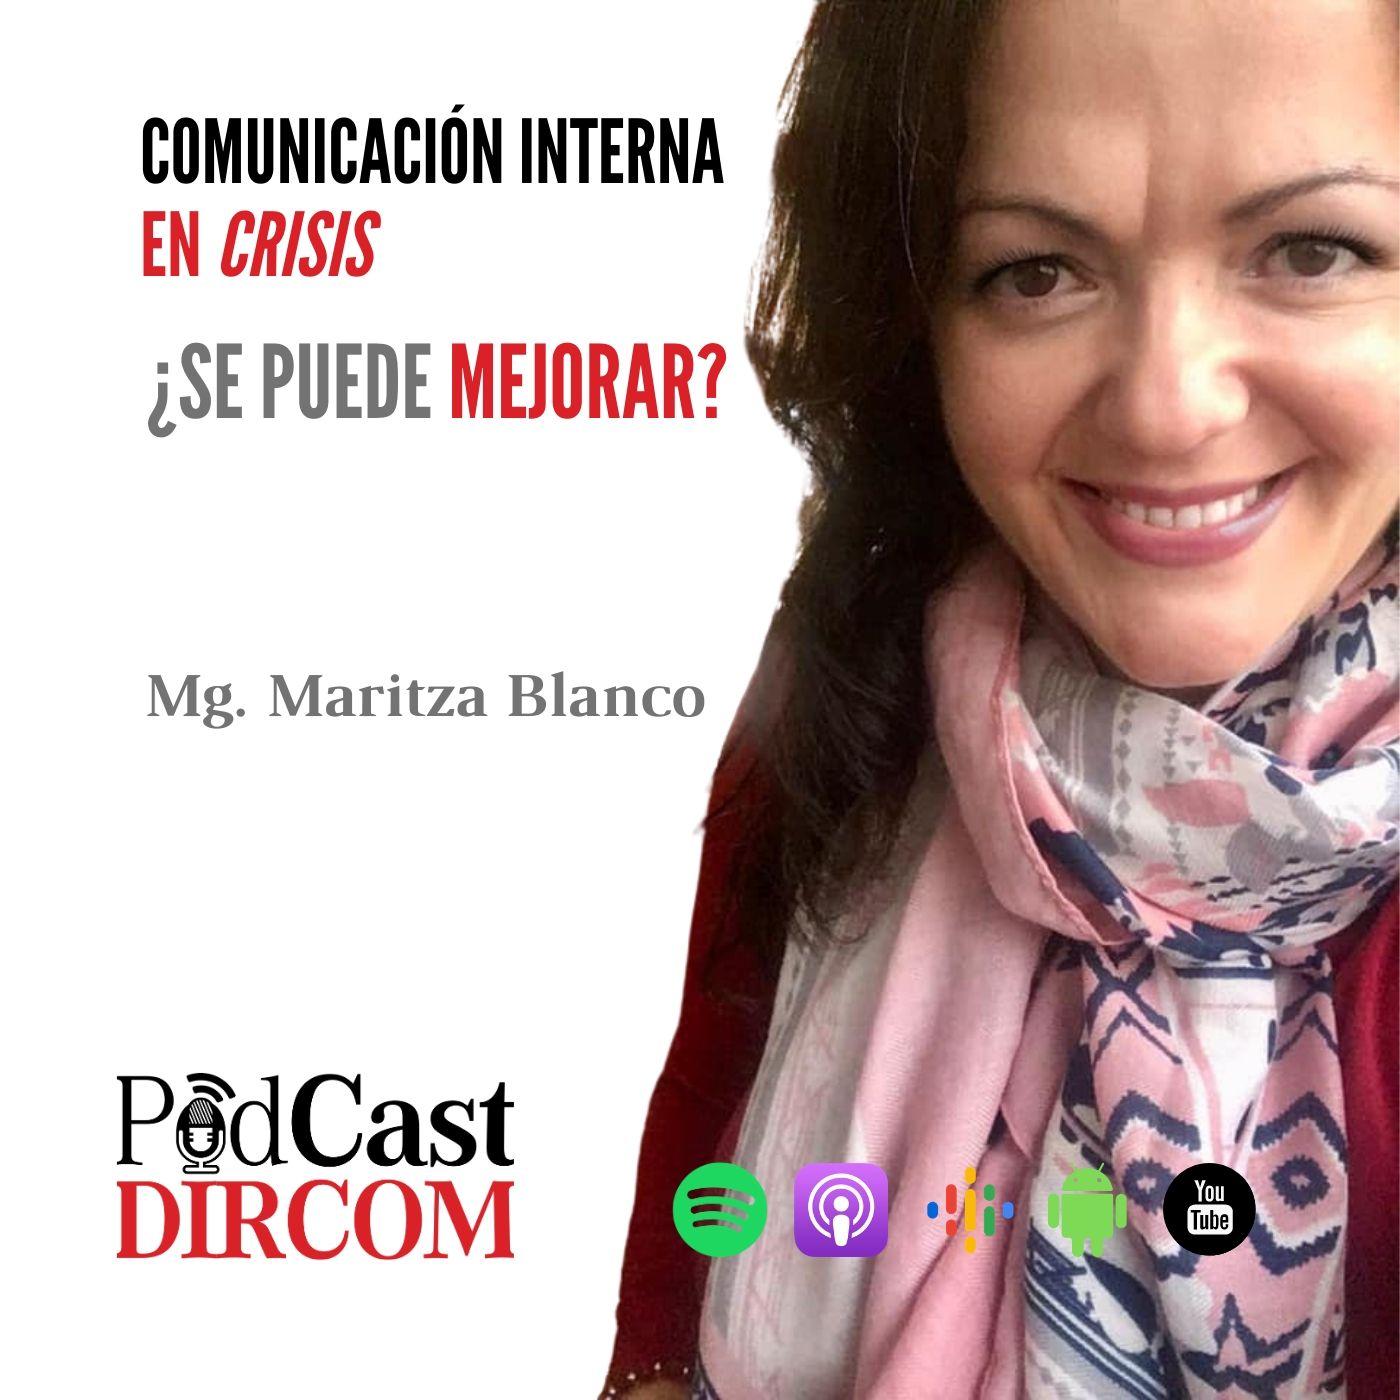 Comunicacion Interna en Crisis Se puede mejorar